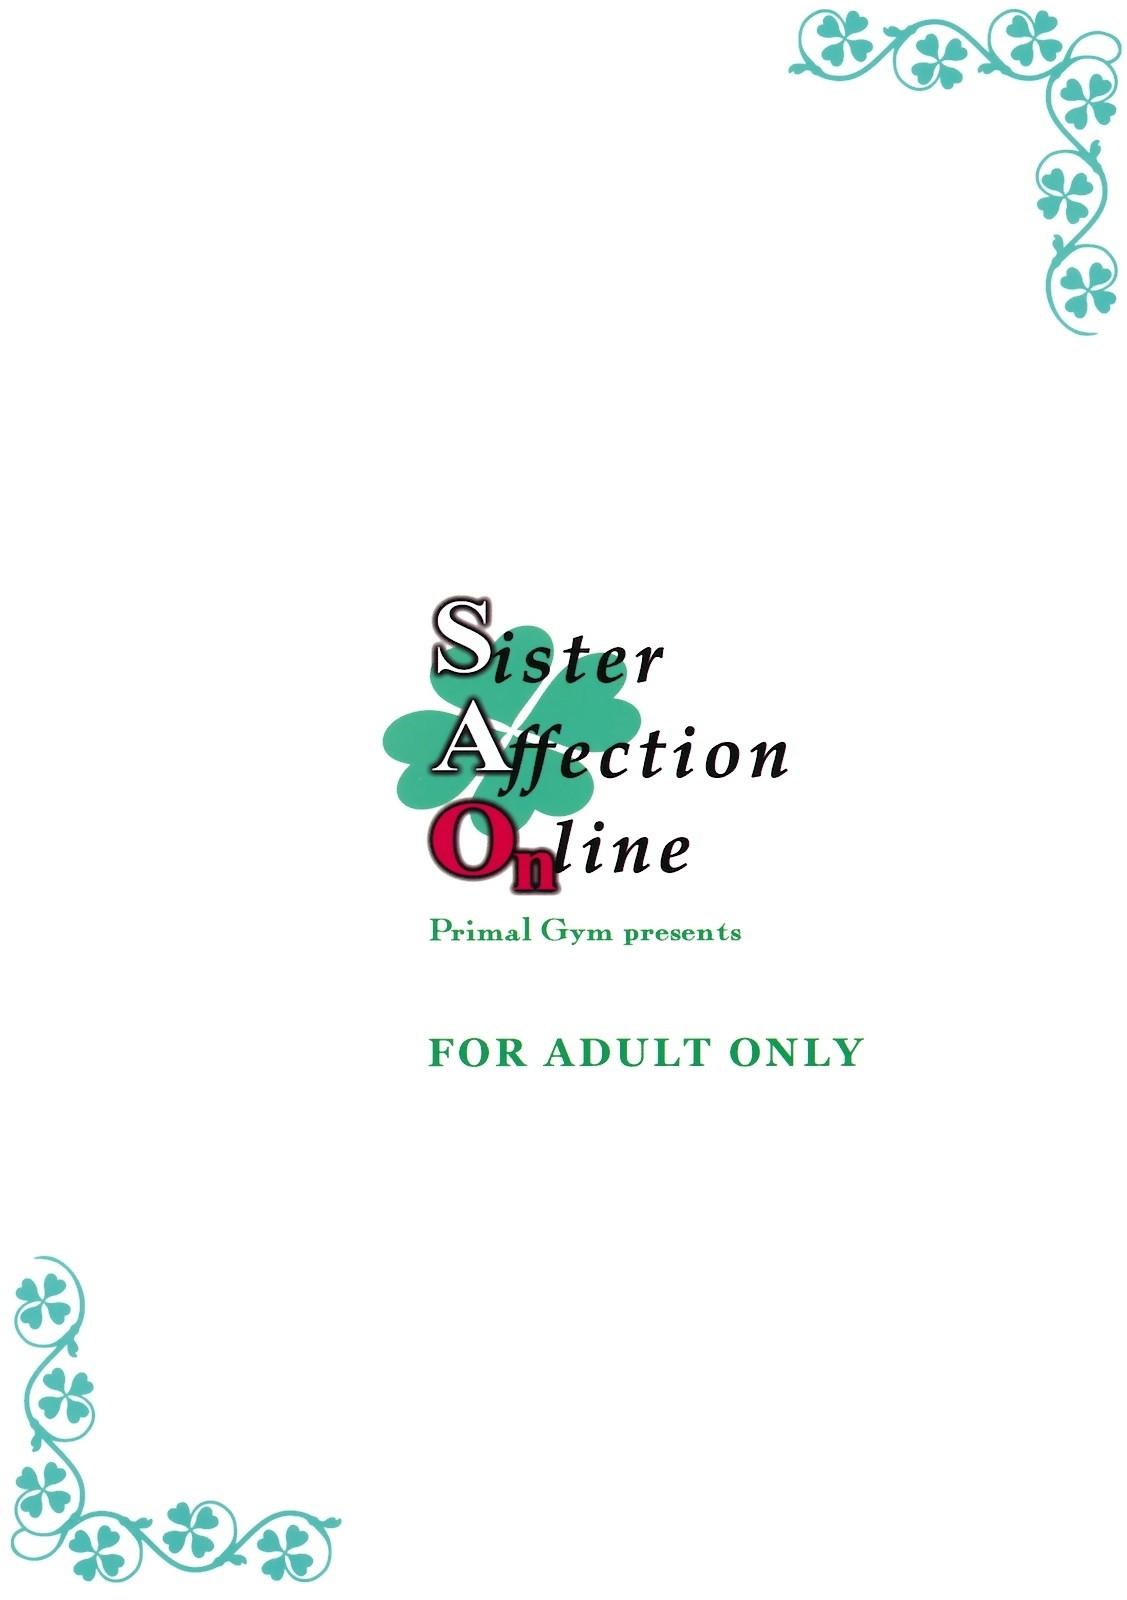 Sister Affection Online 19